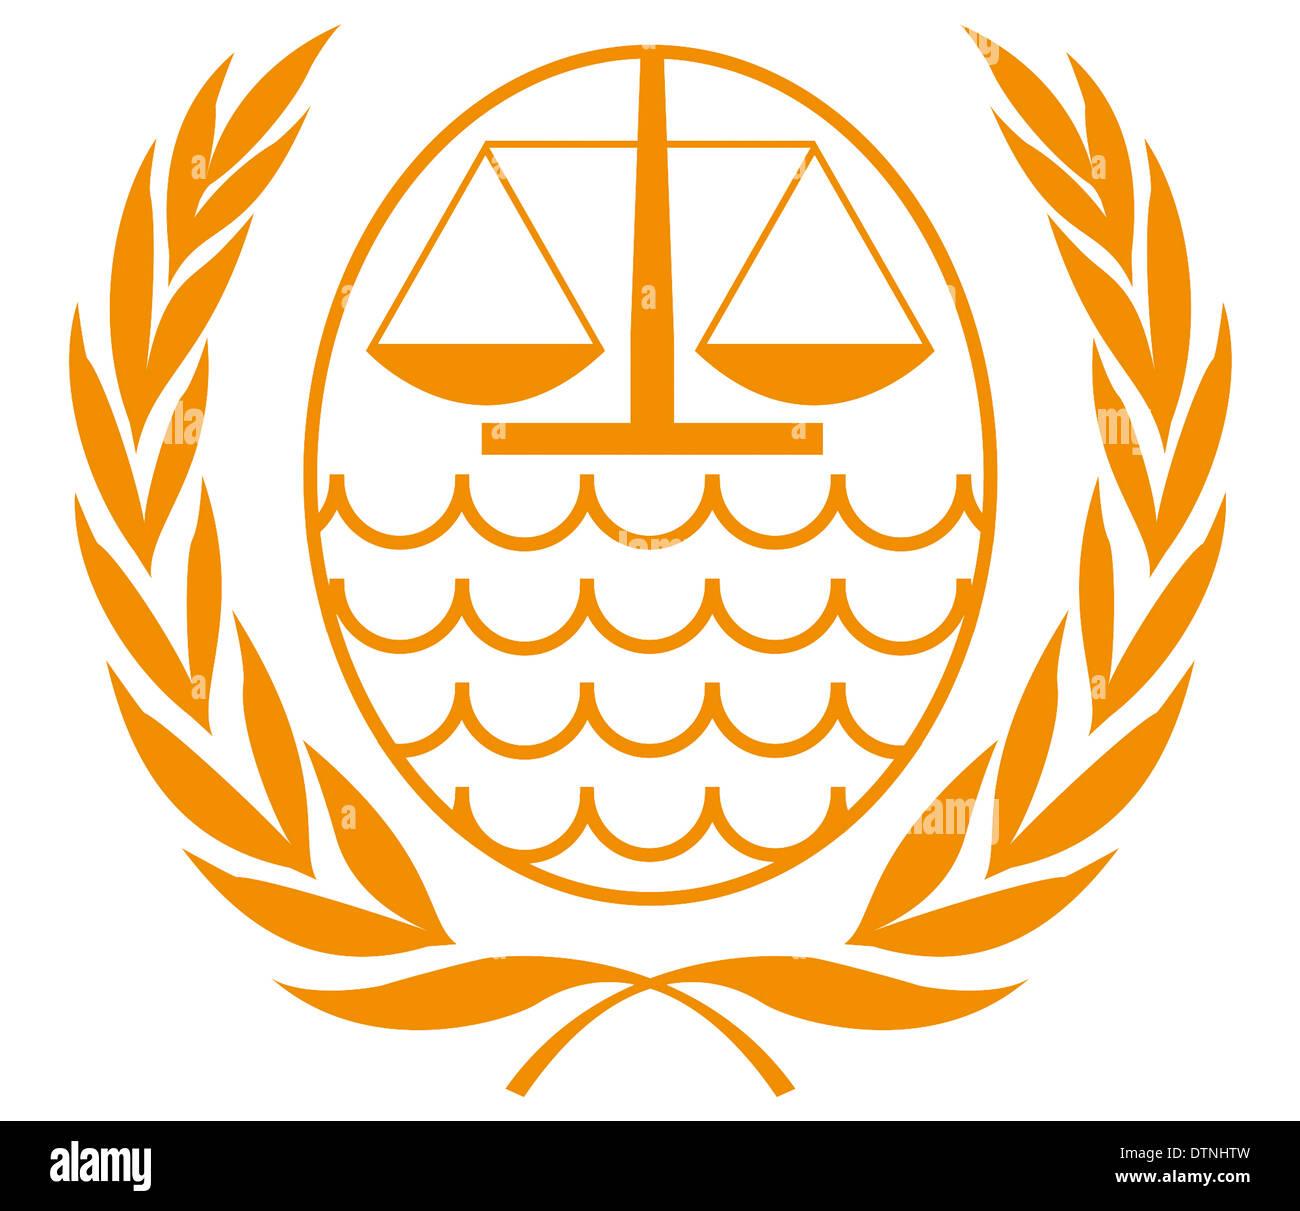 Logo des internationalen Strafgerichtshofs für das Gesetz des Meeres ...